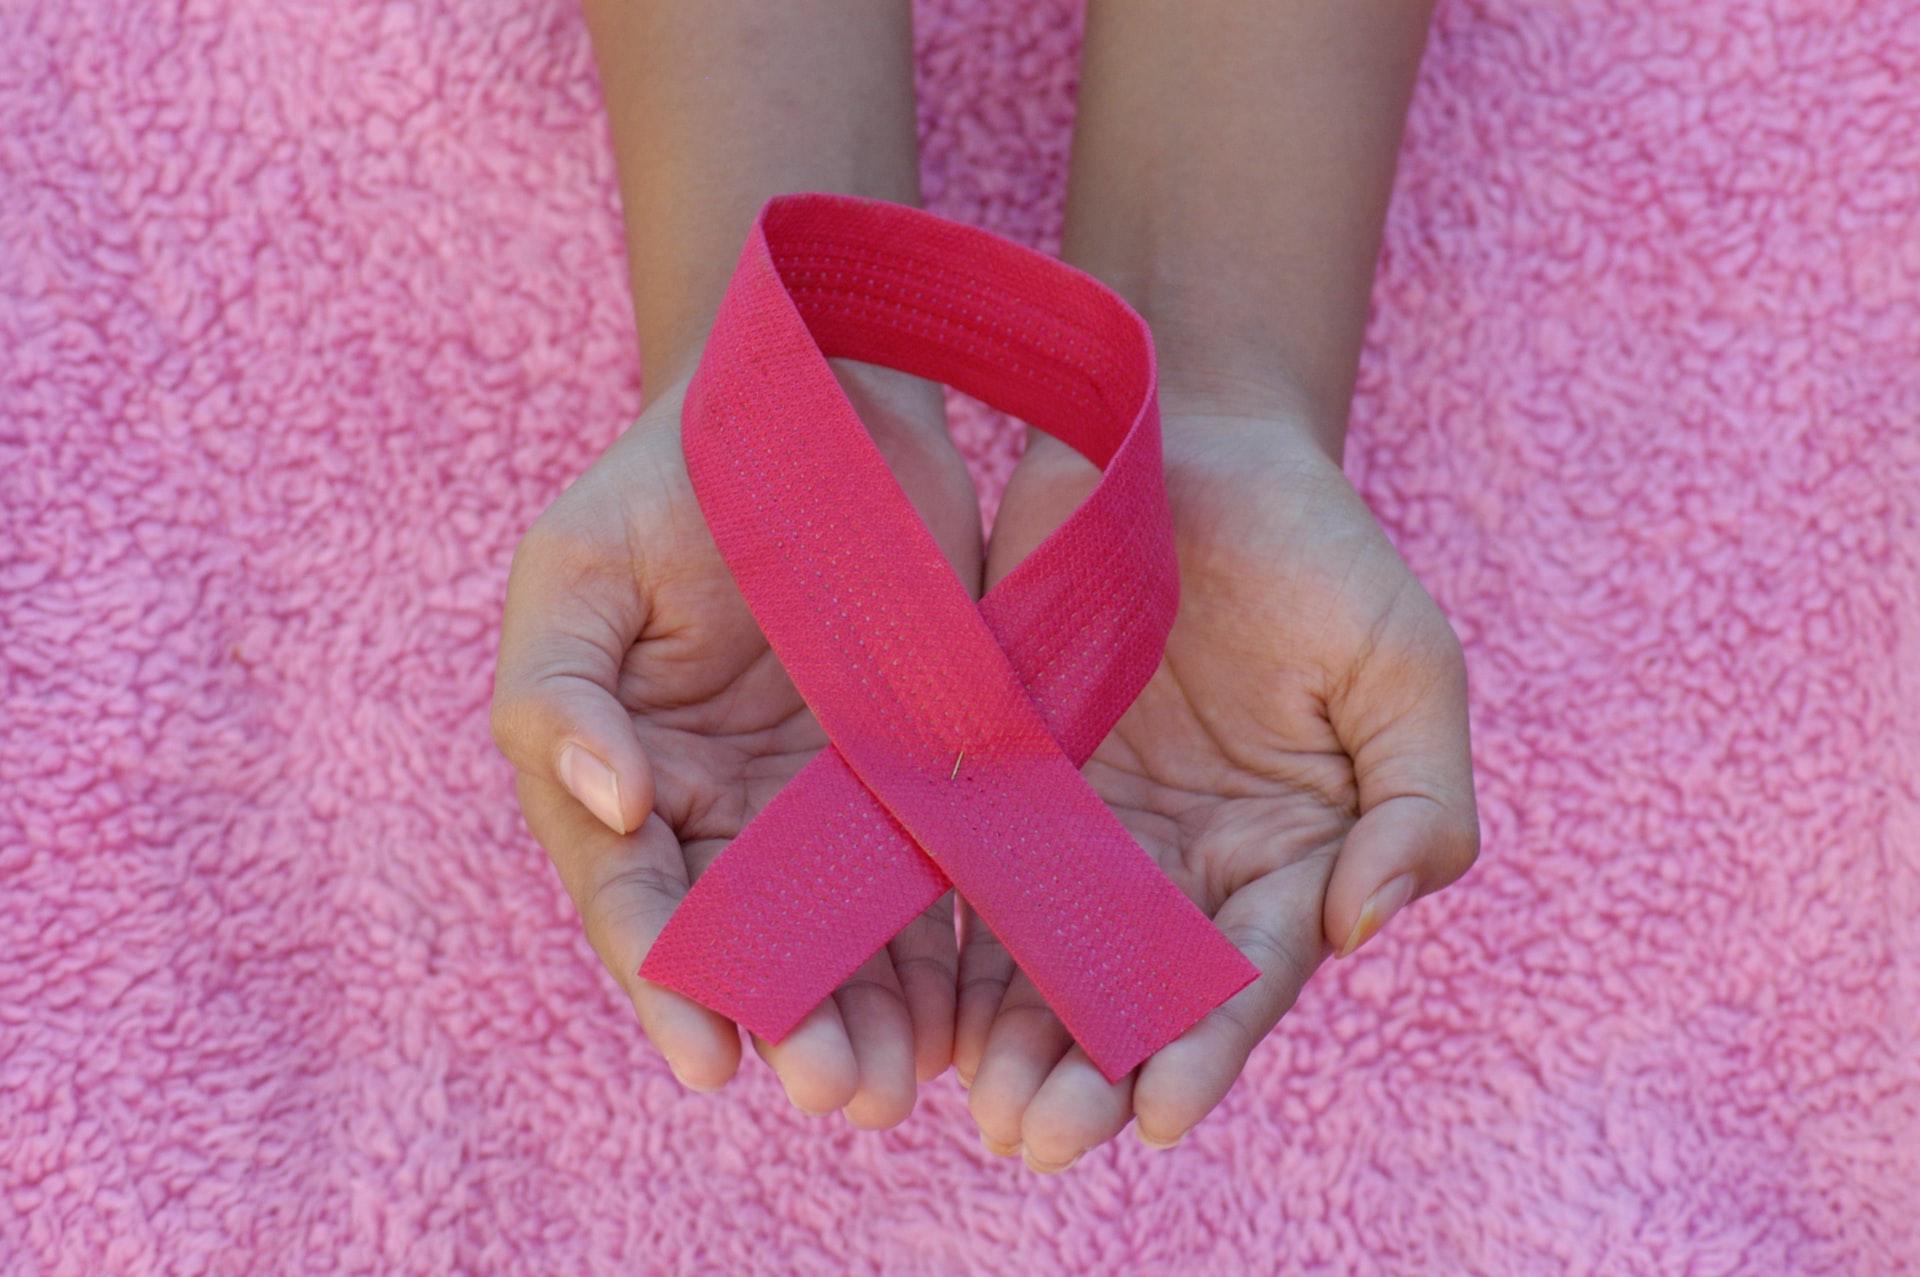 Une Marche rose pour la prévention du cancer du sein